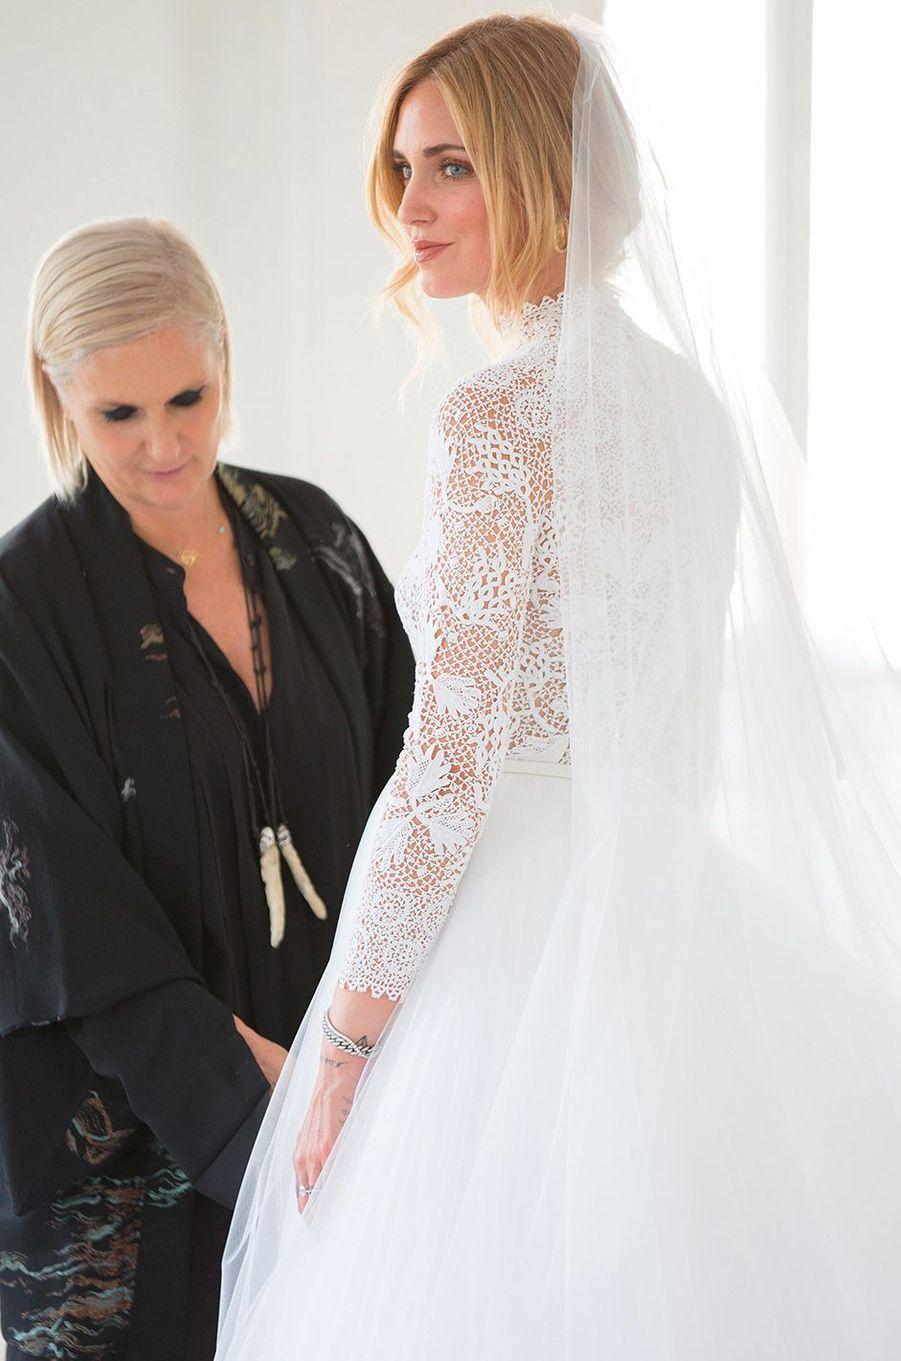 Les essayages de robe de mariée de Chiara Ferragni avec Maria Grazia Chiuri